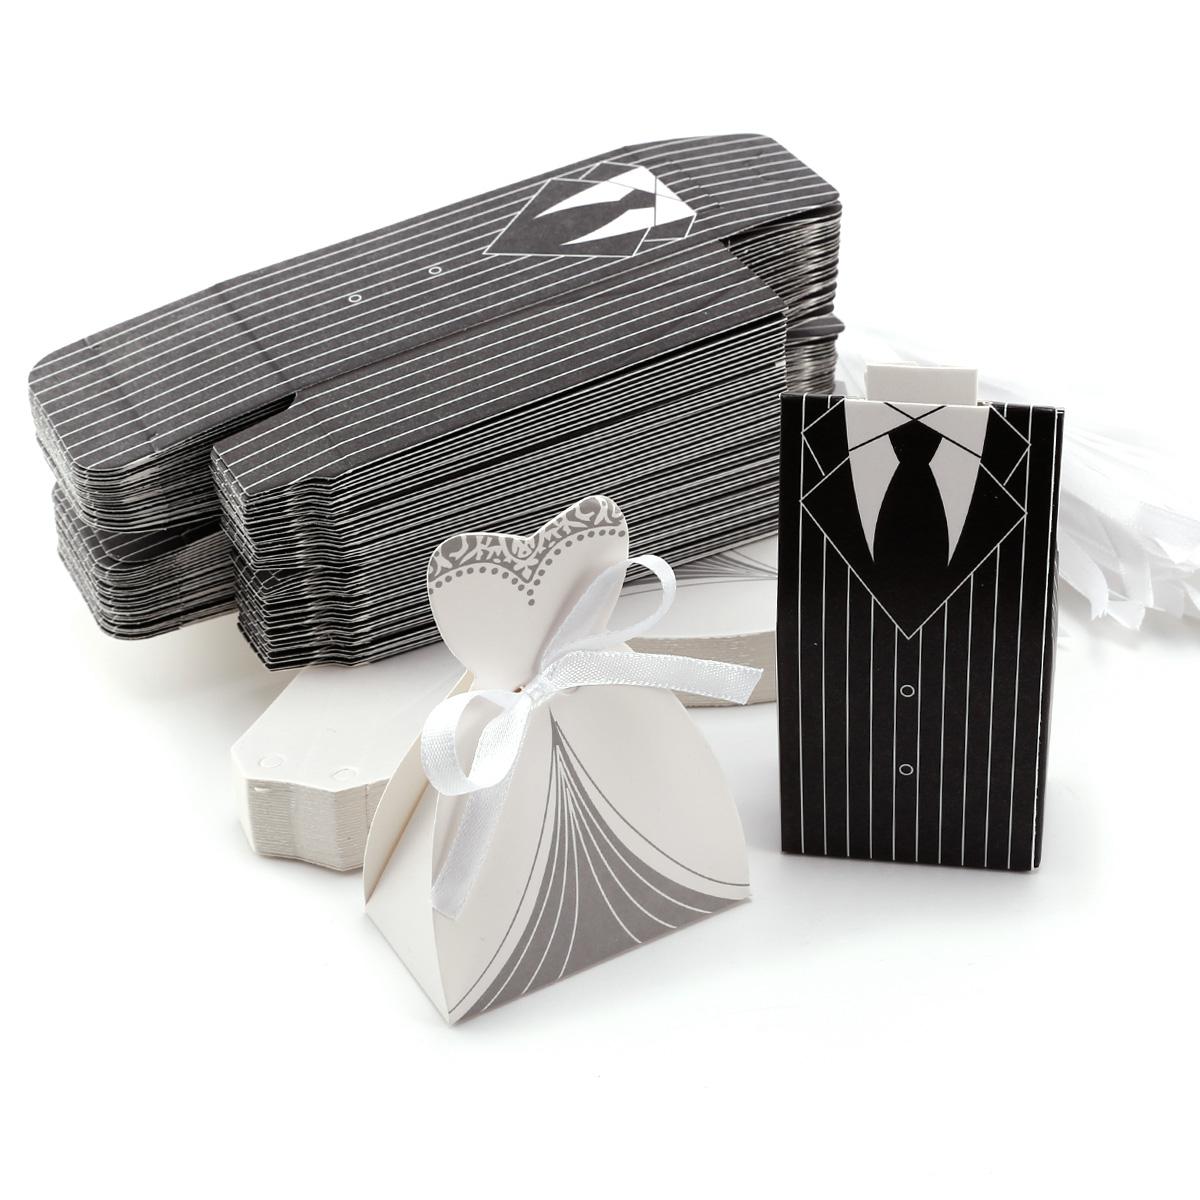 100 200 x hochzeit gastgeschenk s igkeiten schokolade geschenkbox kartonage ebay. Black Bedroom Furniture Sets. Home Design Ideas